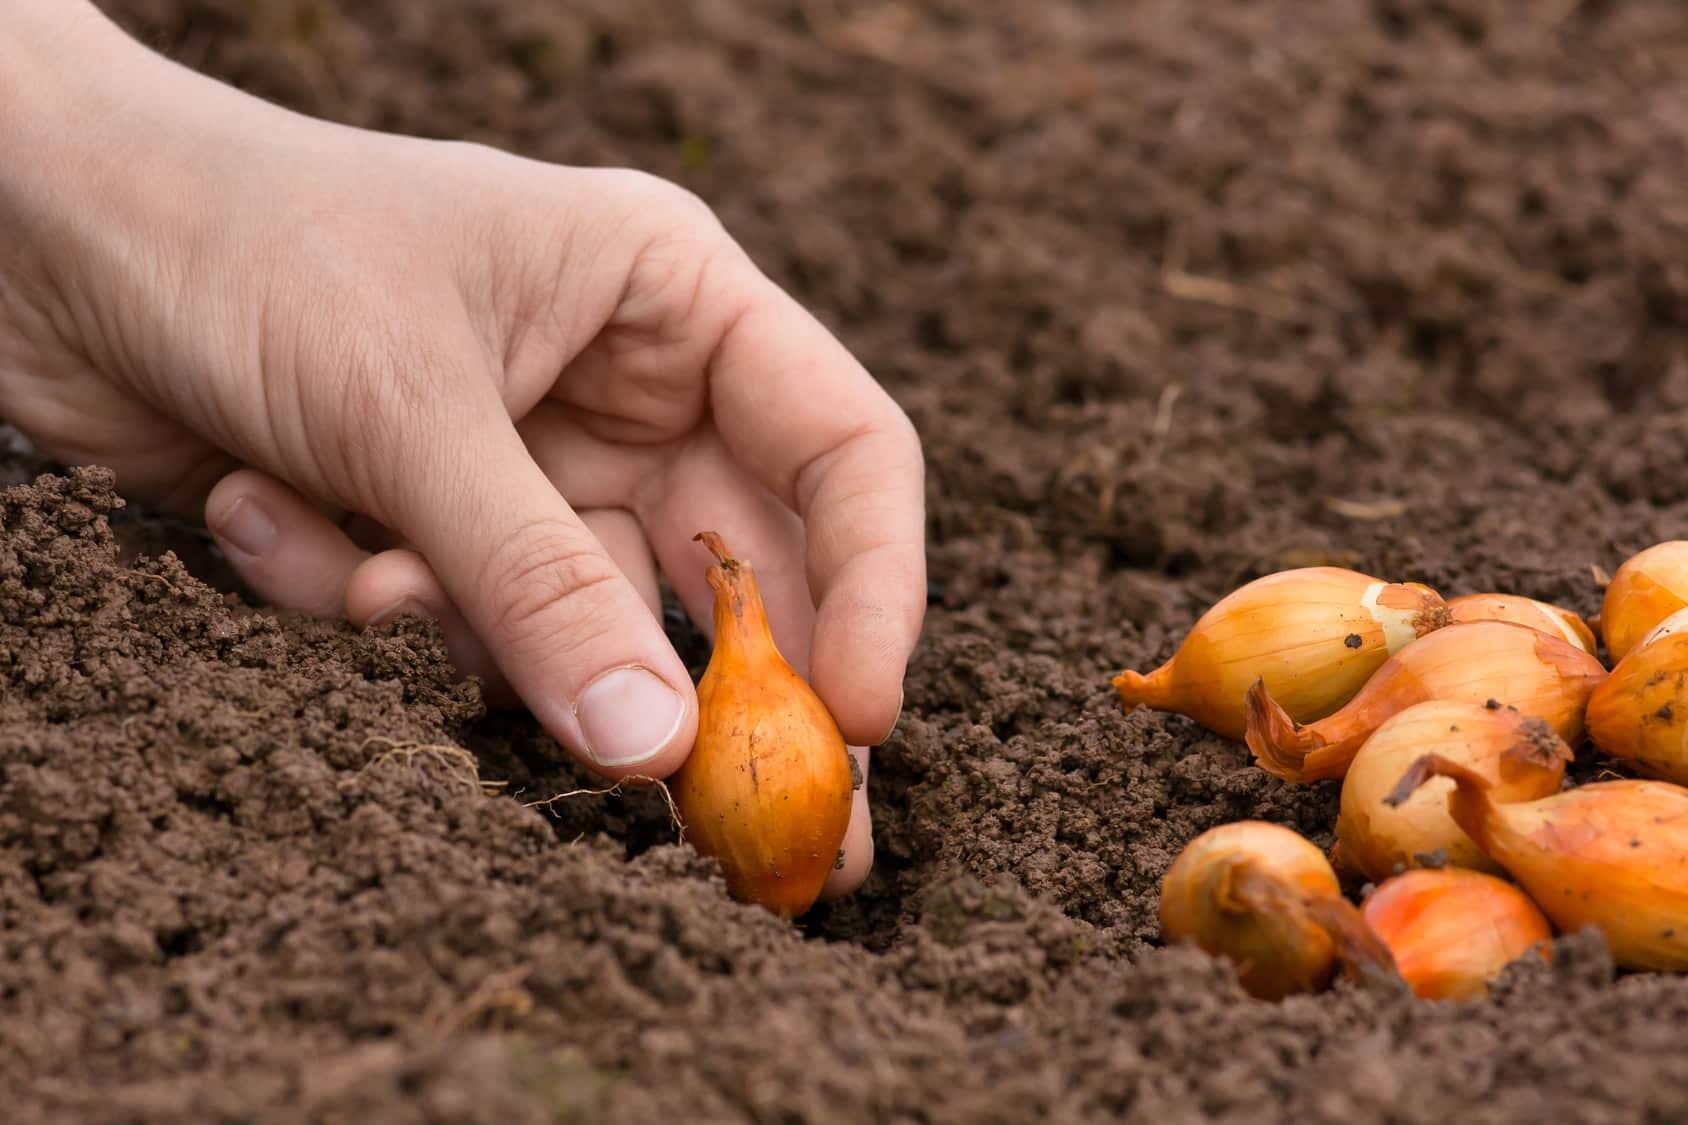 Démarrer la culture de l'oignon par la plantation manuelle